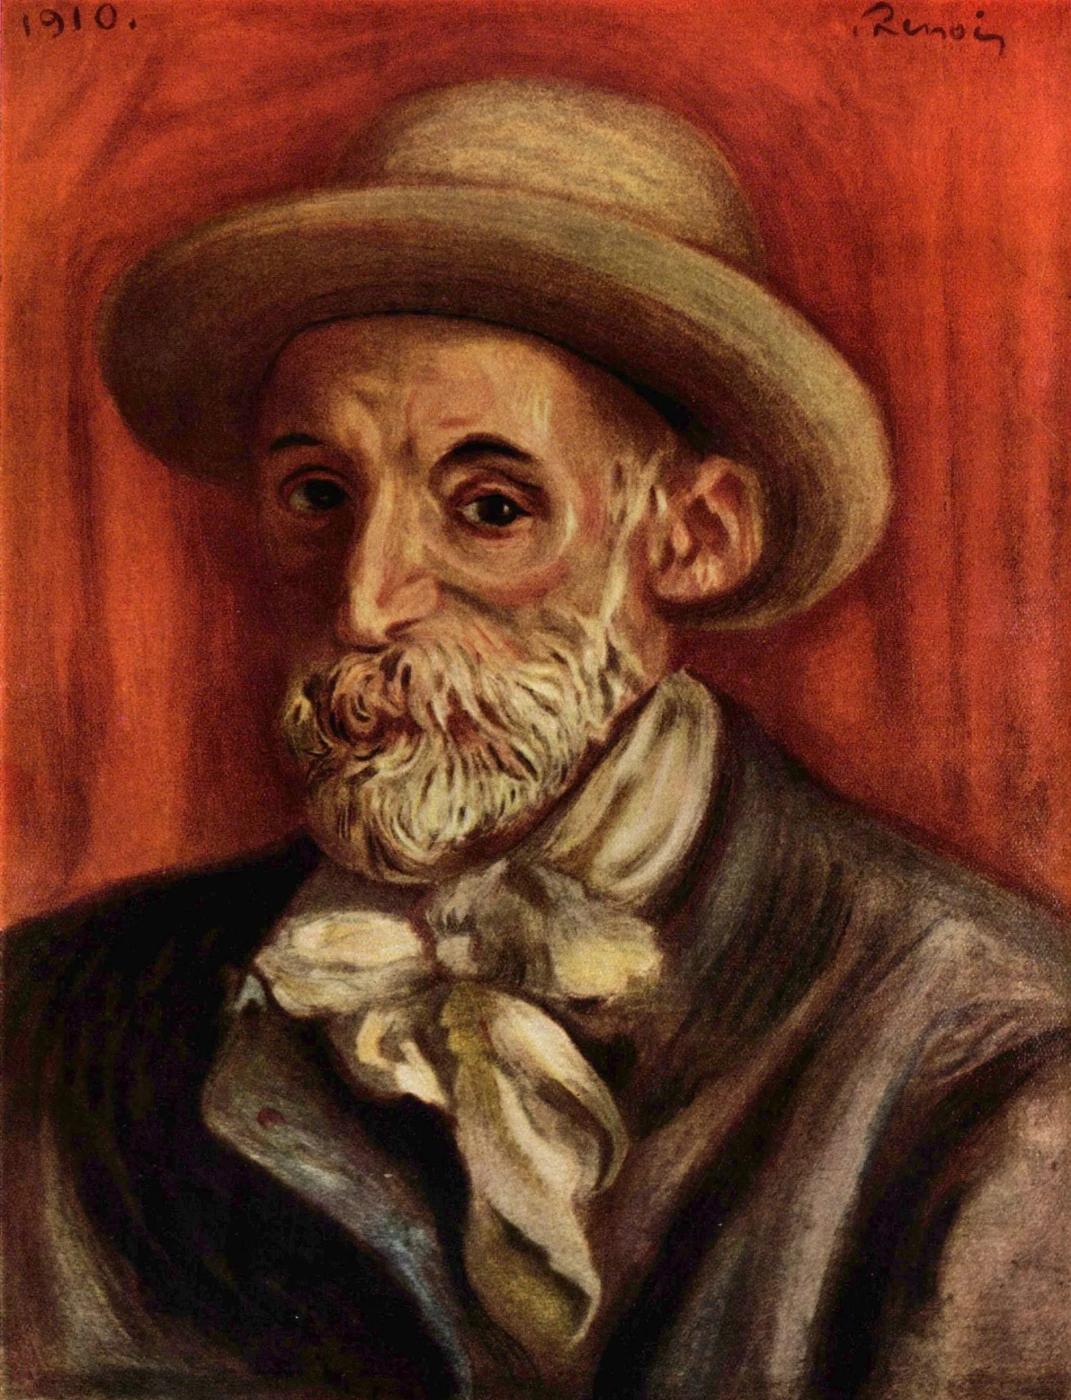 Пьер Огюст Ренуар — «Автопортрет» 1910г., частная коллекция.